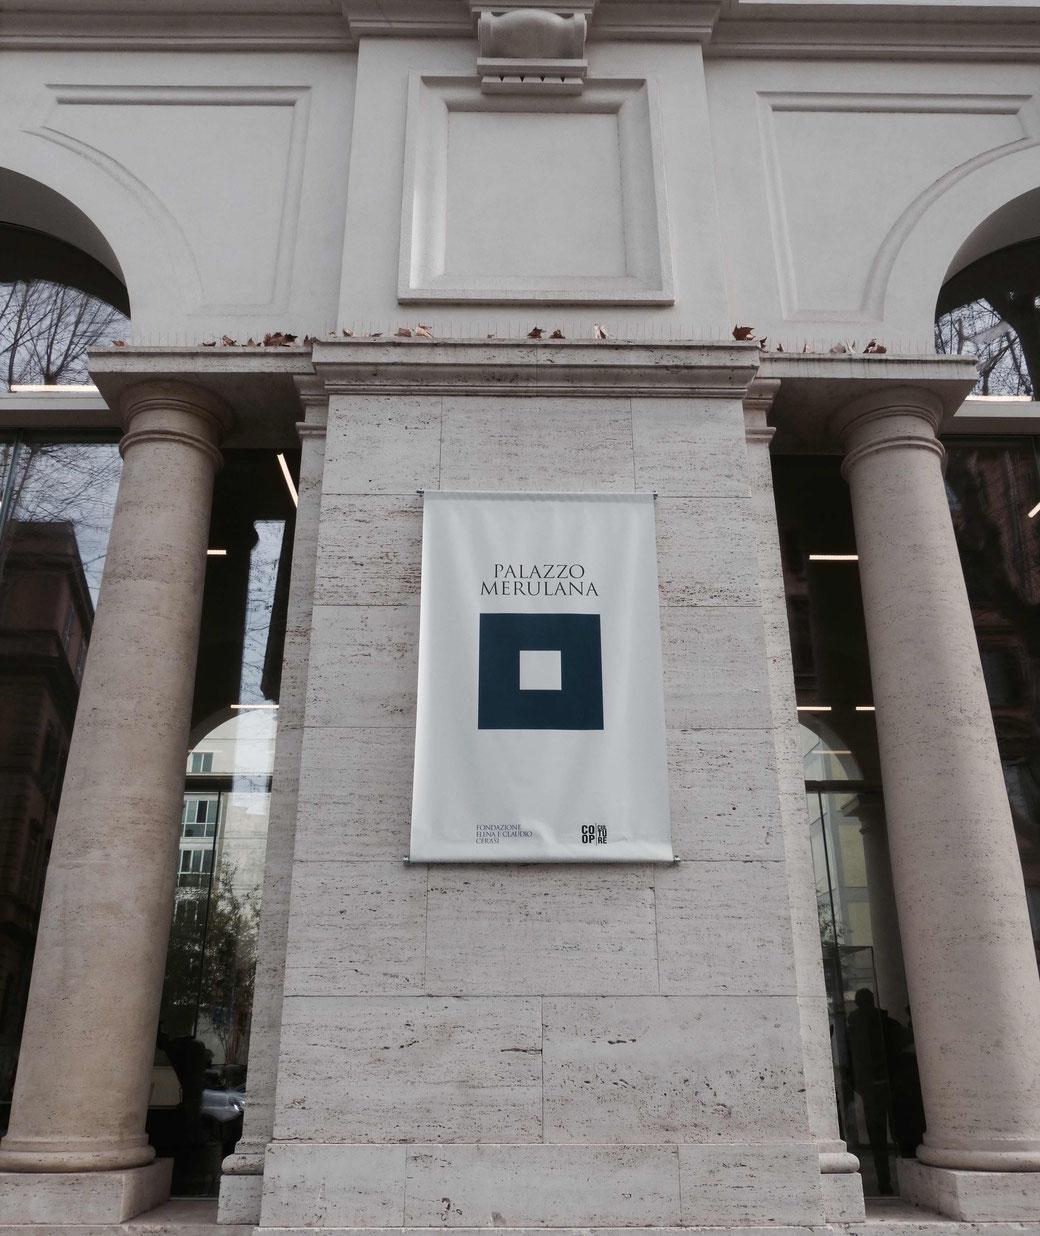 Der neue Kulturspot im Esquilin-Viertel - Der Palazzo Merulana